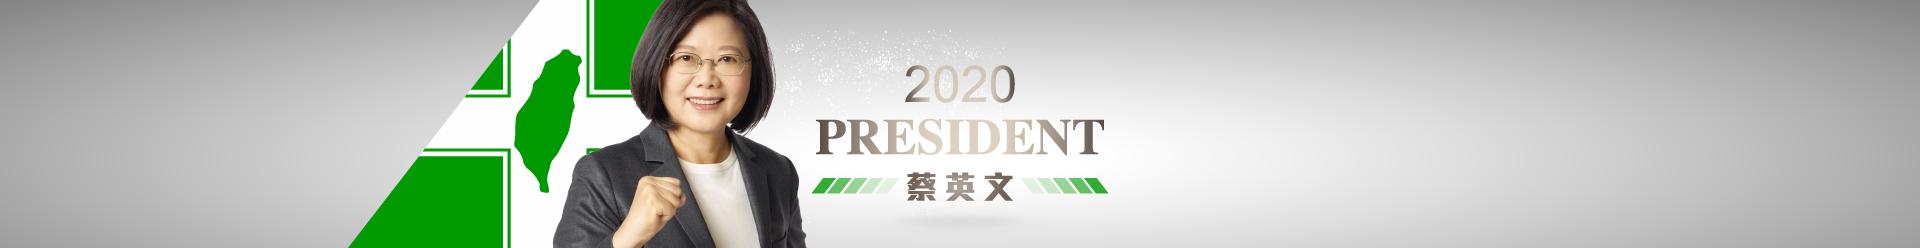 2020總統大選開票直播看三立LIVE | 第15任總統、副總統及第10屆立法委員選舉結果